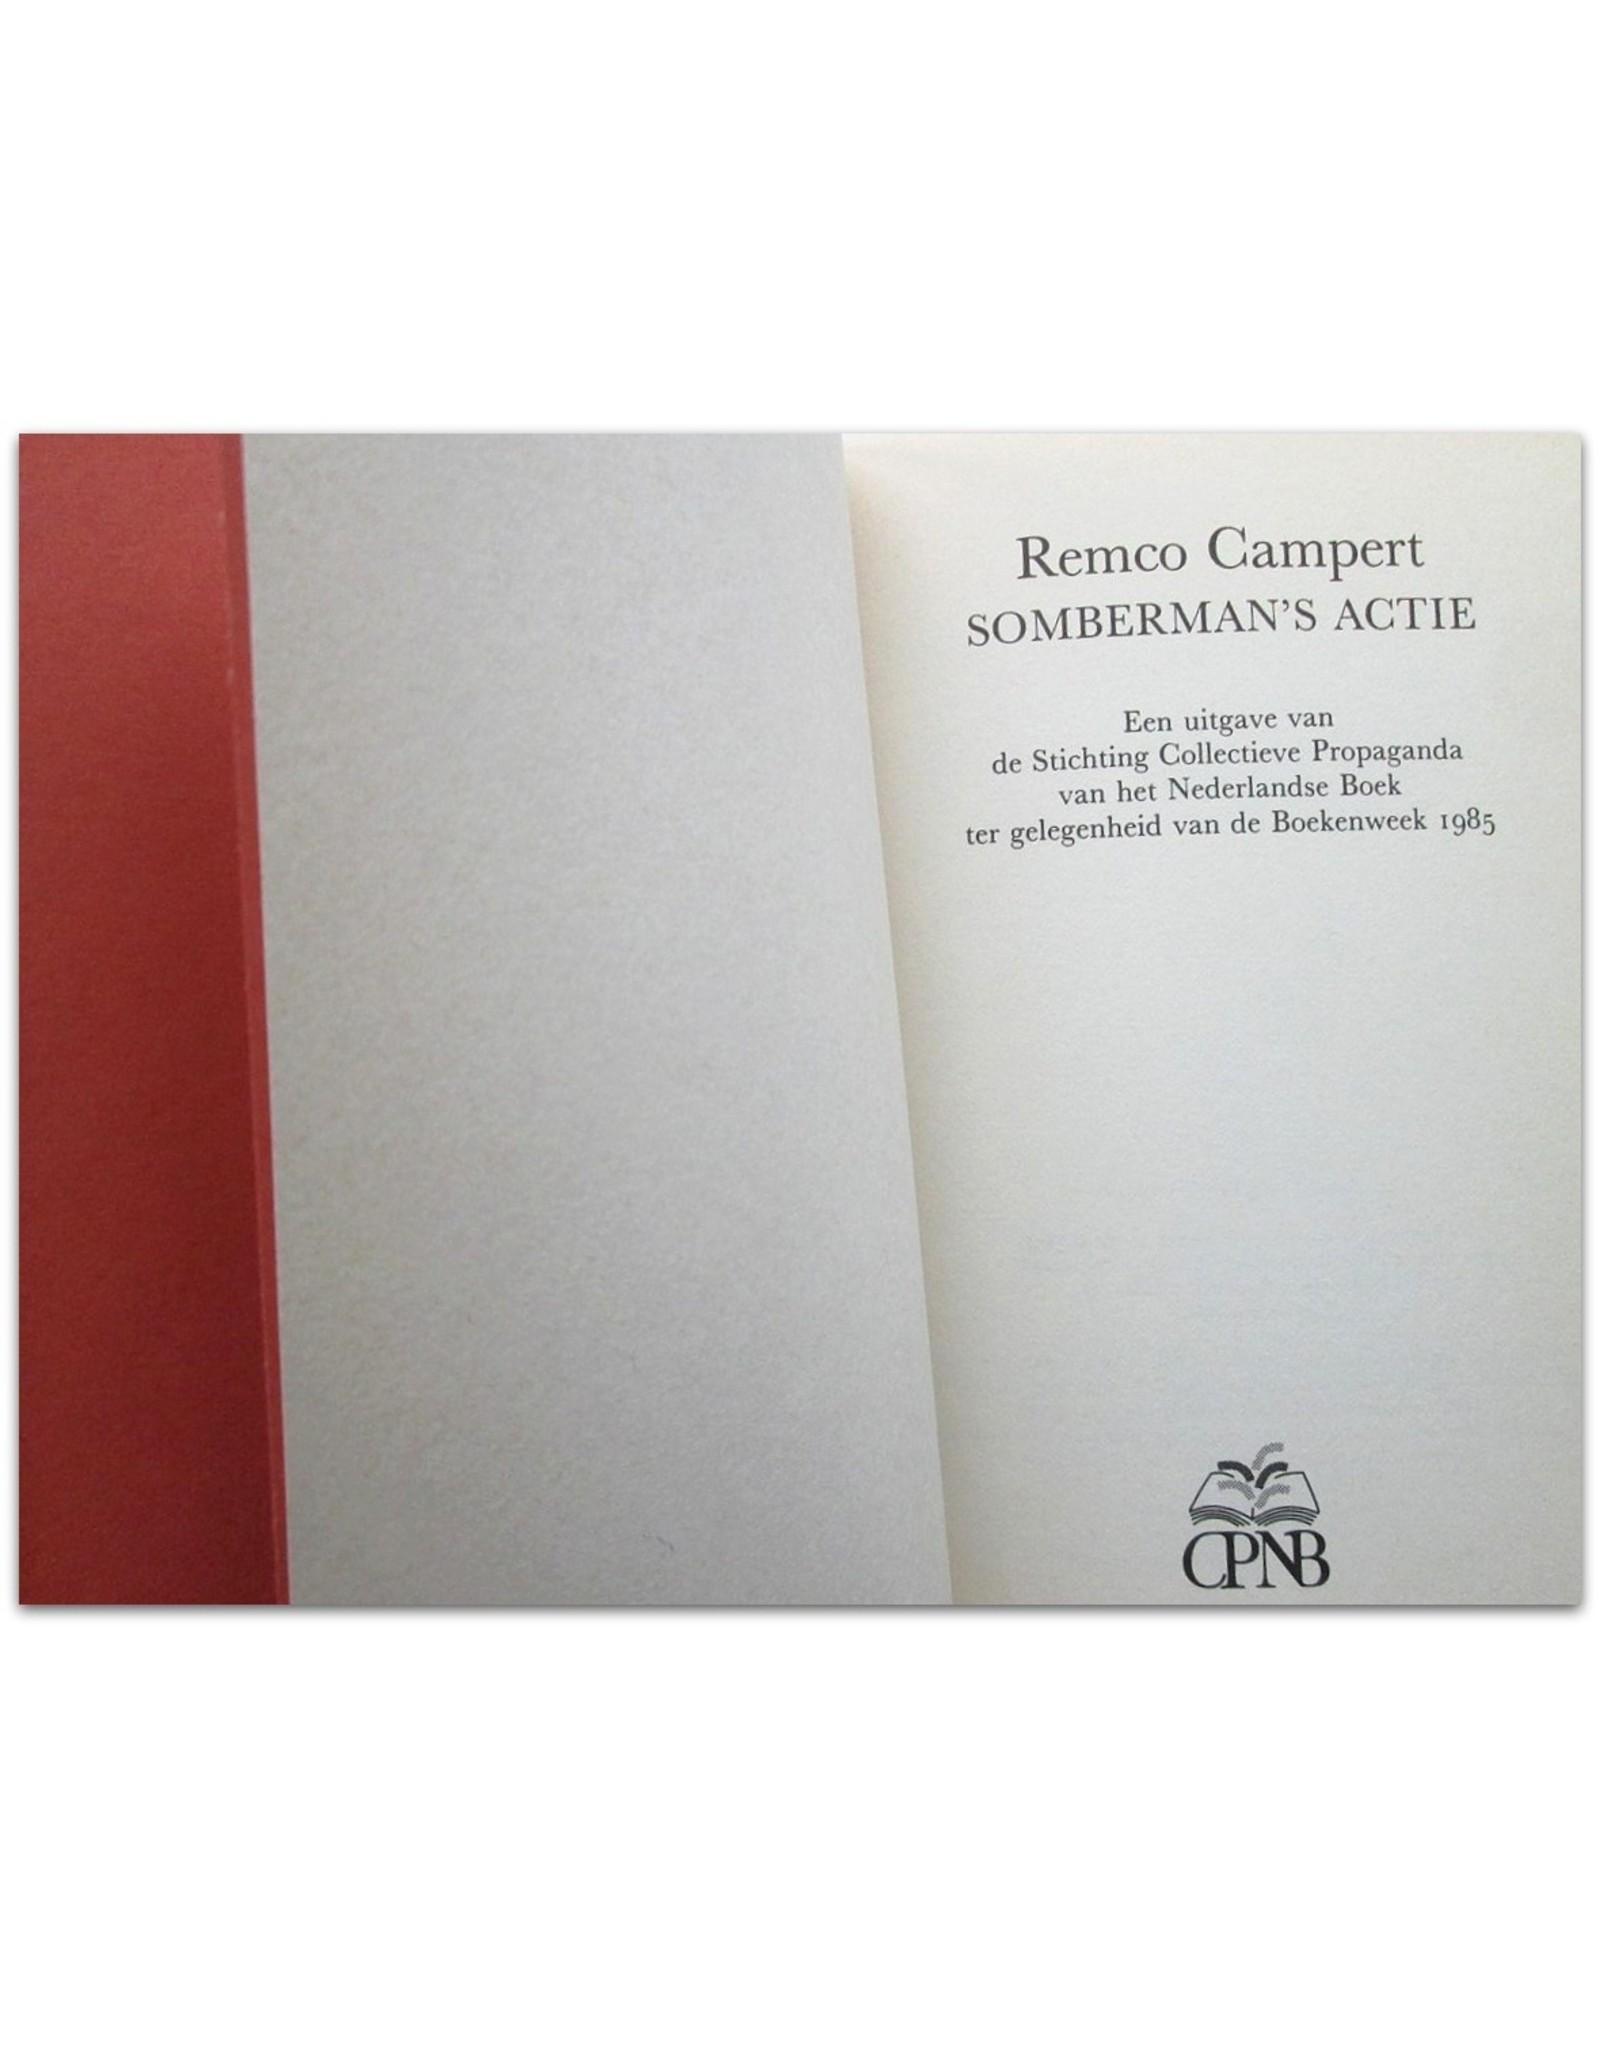 Remco Campert - Somberman's Actie - [Deluxe hardcover edition]